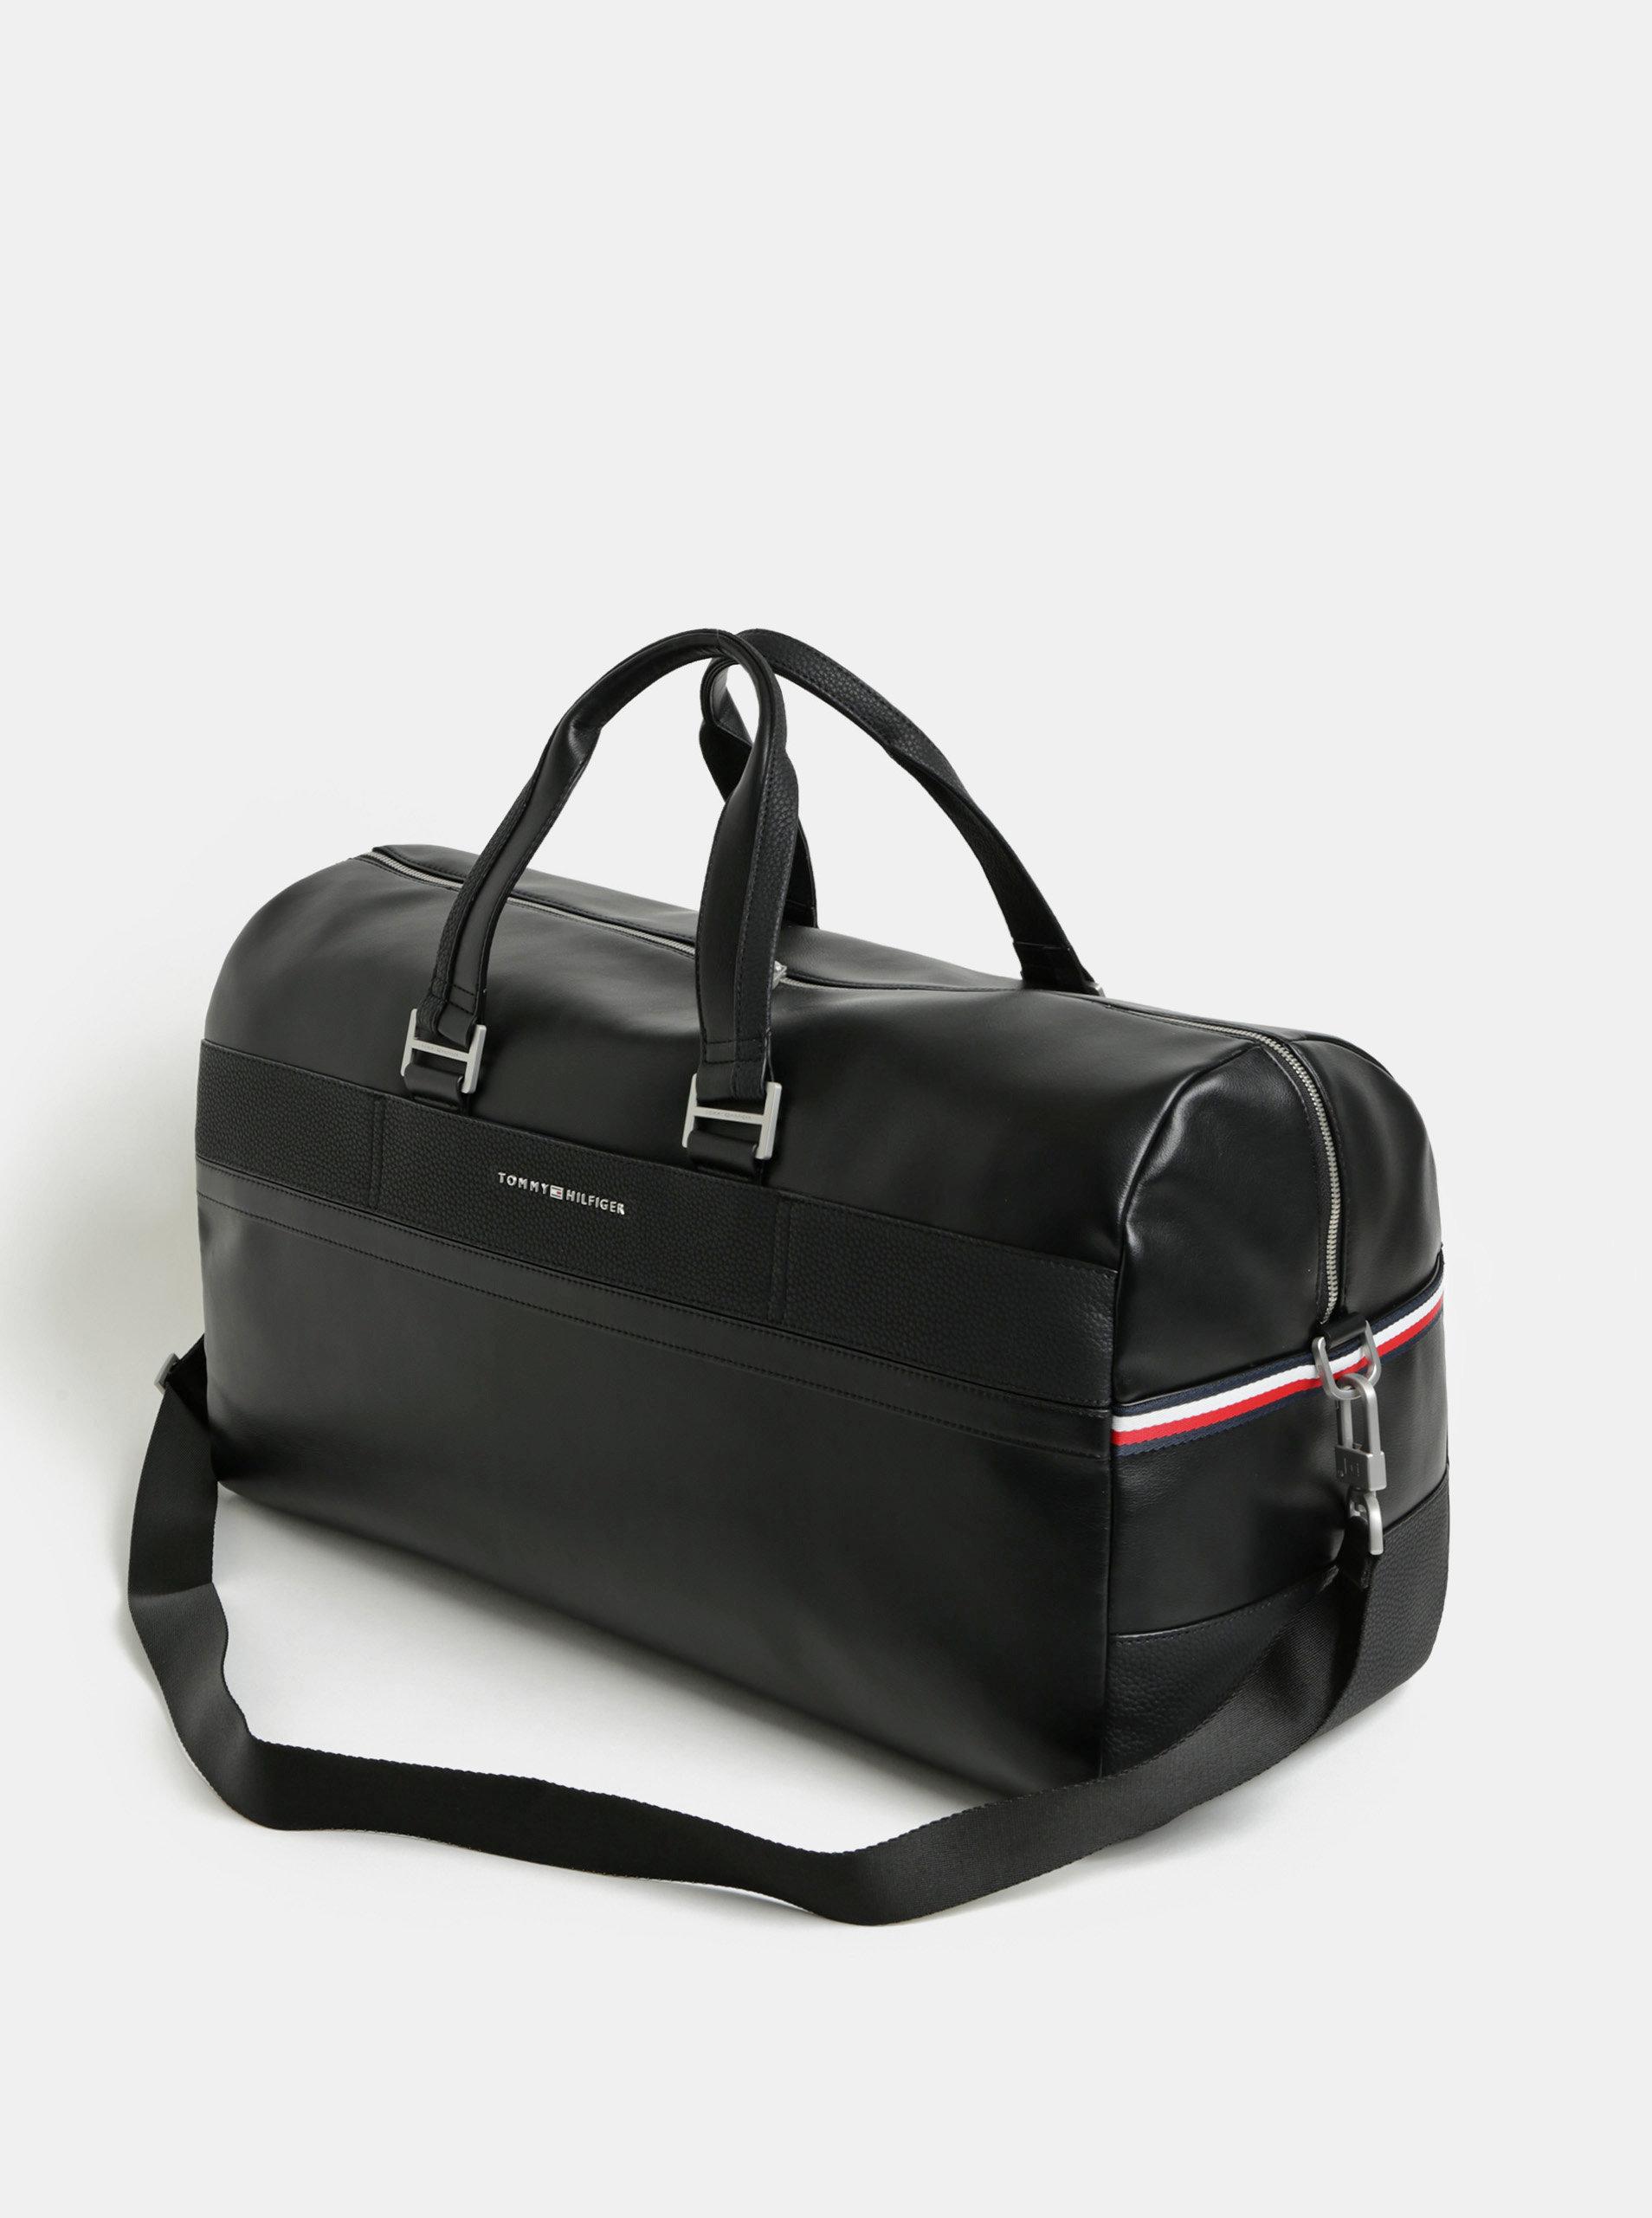 702c3650af02e Čierna cestovná taška Tommy Hilfiger | ZOOT.sk